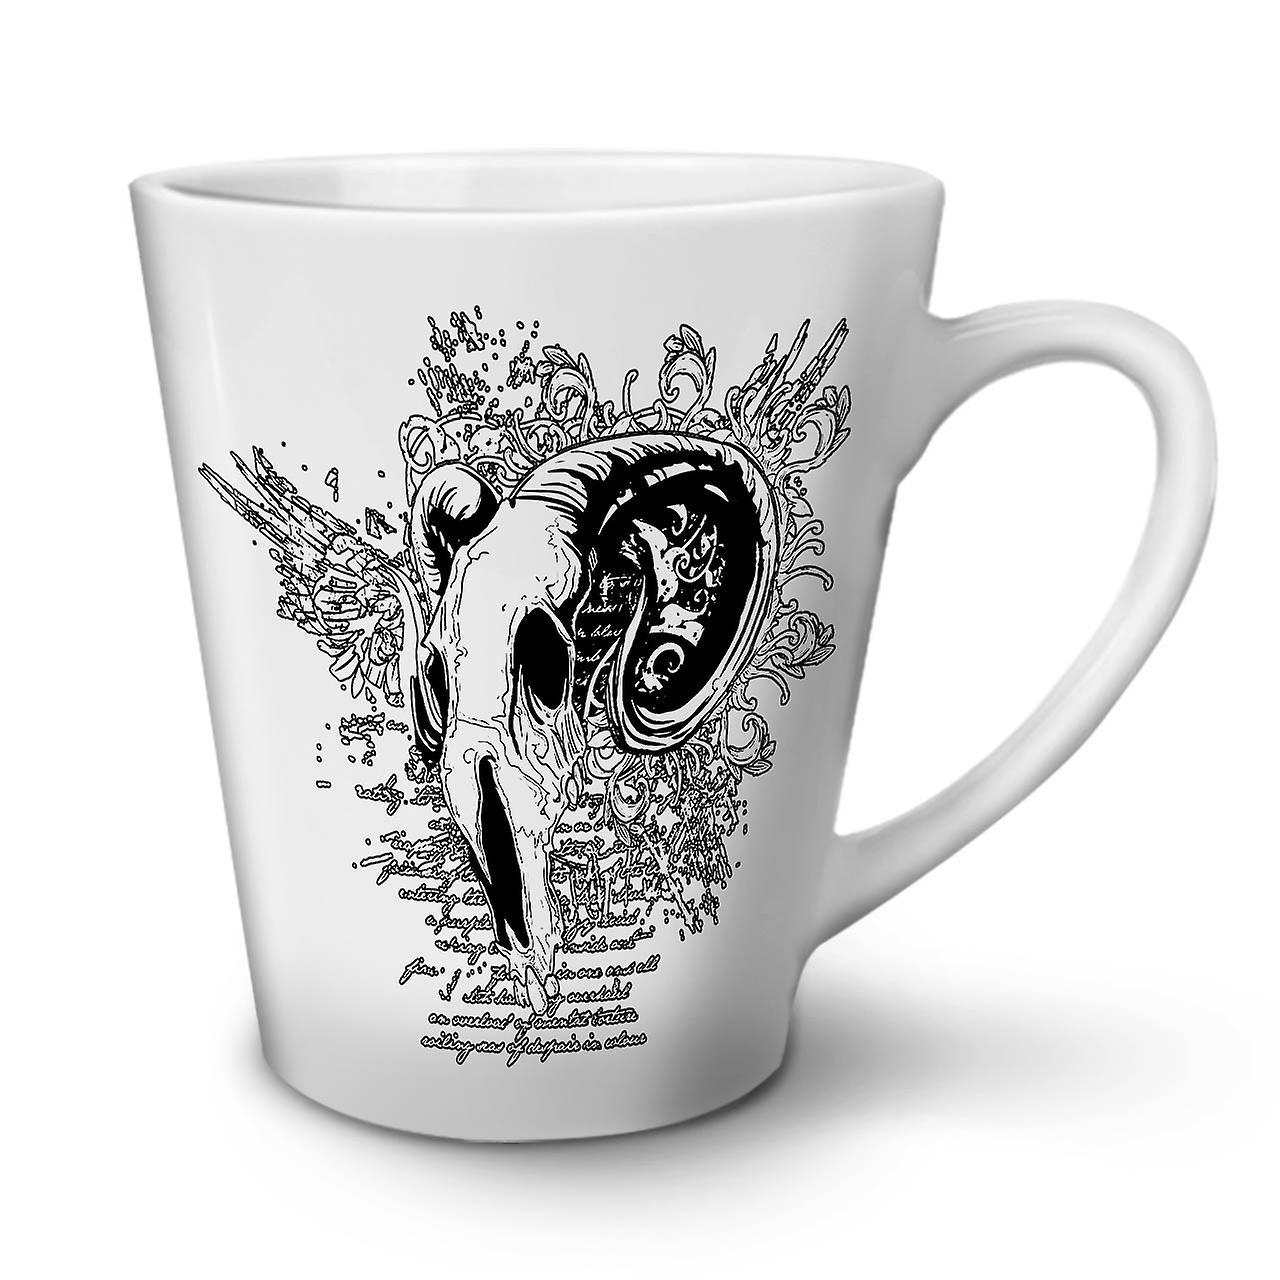 12 Latte Céramique Nouvelle Mort Tasse Animal Café En OzWellcoda Blanche Chèvre qzVLGjpSUM